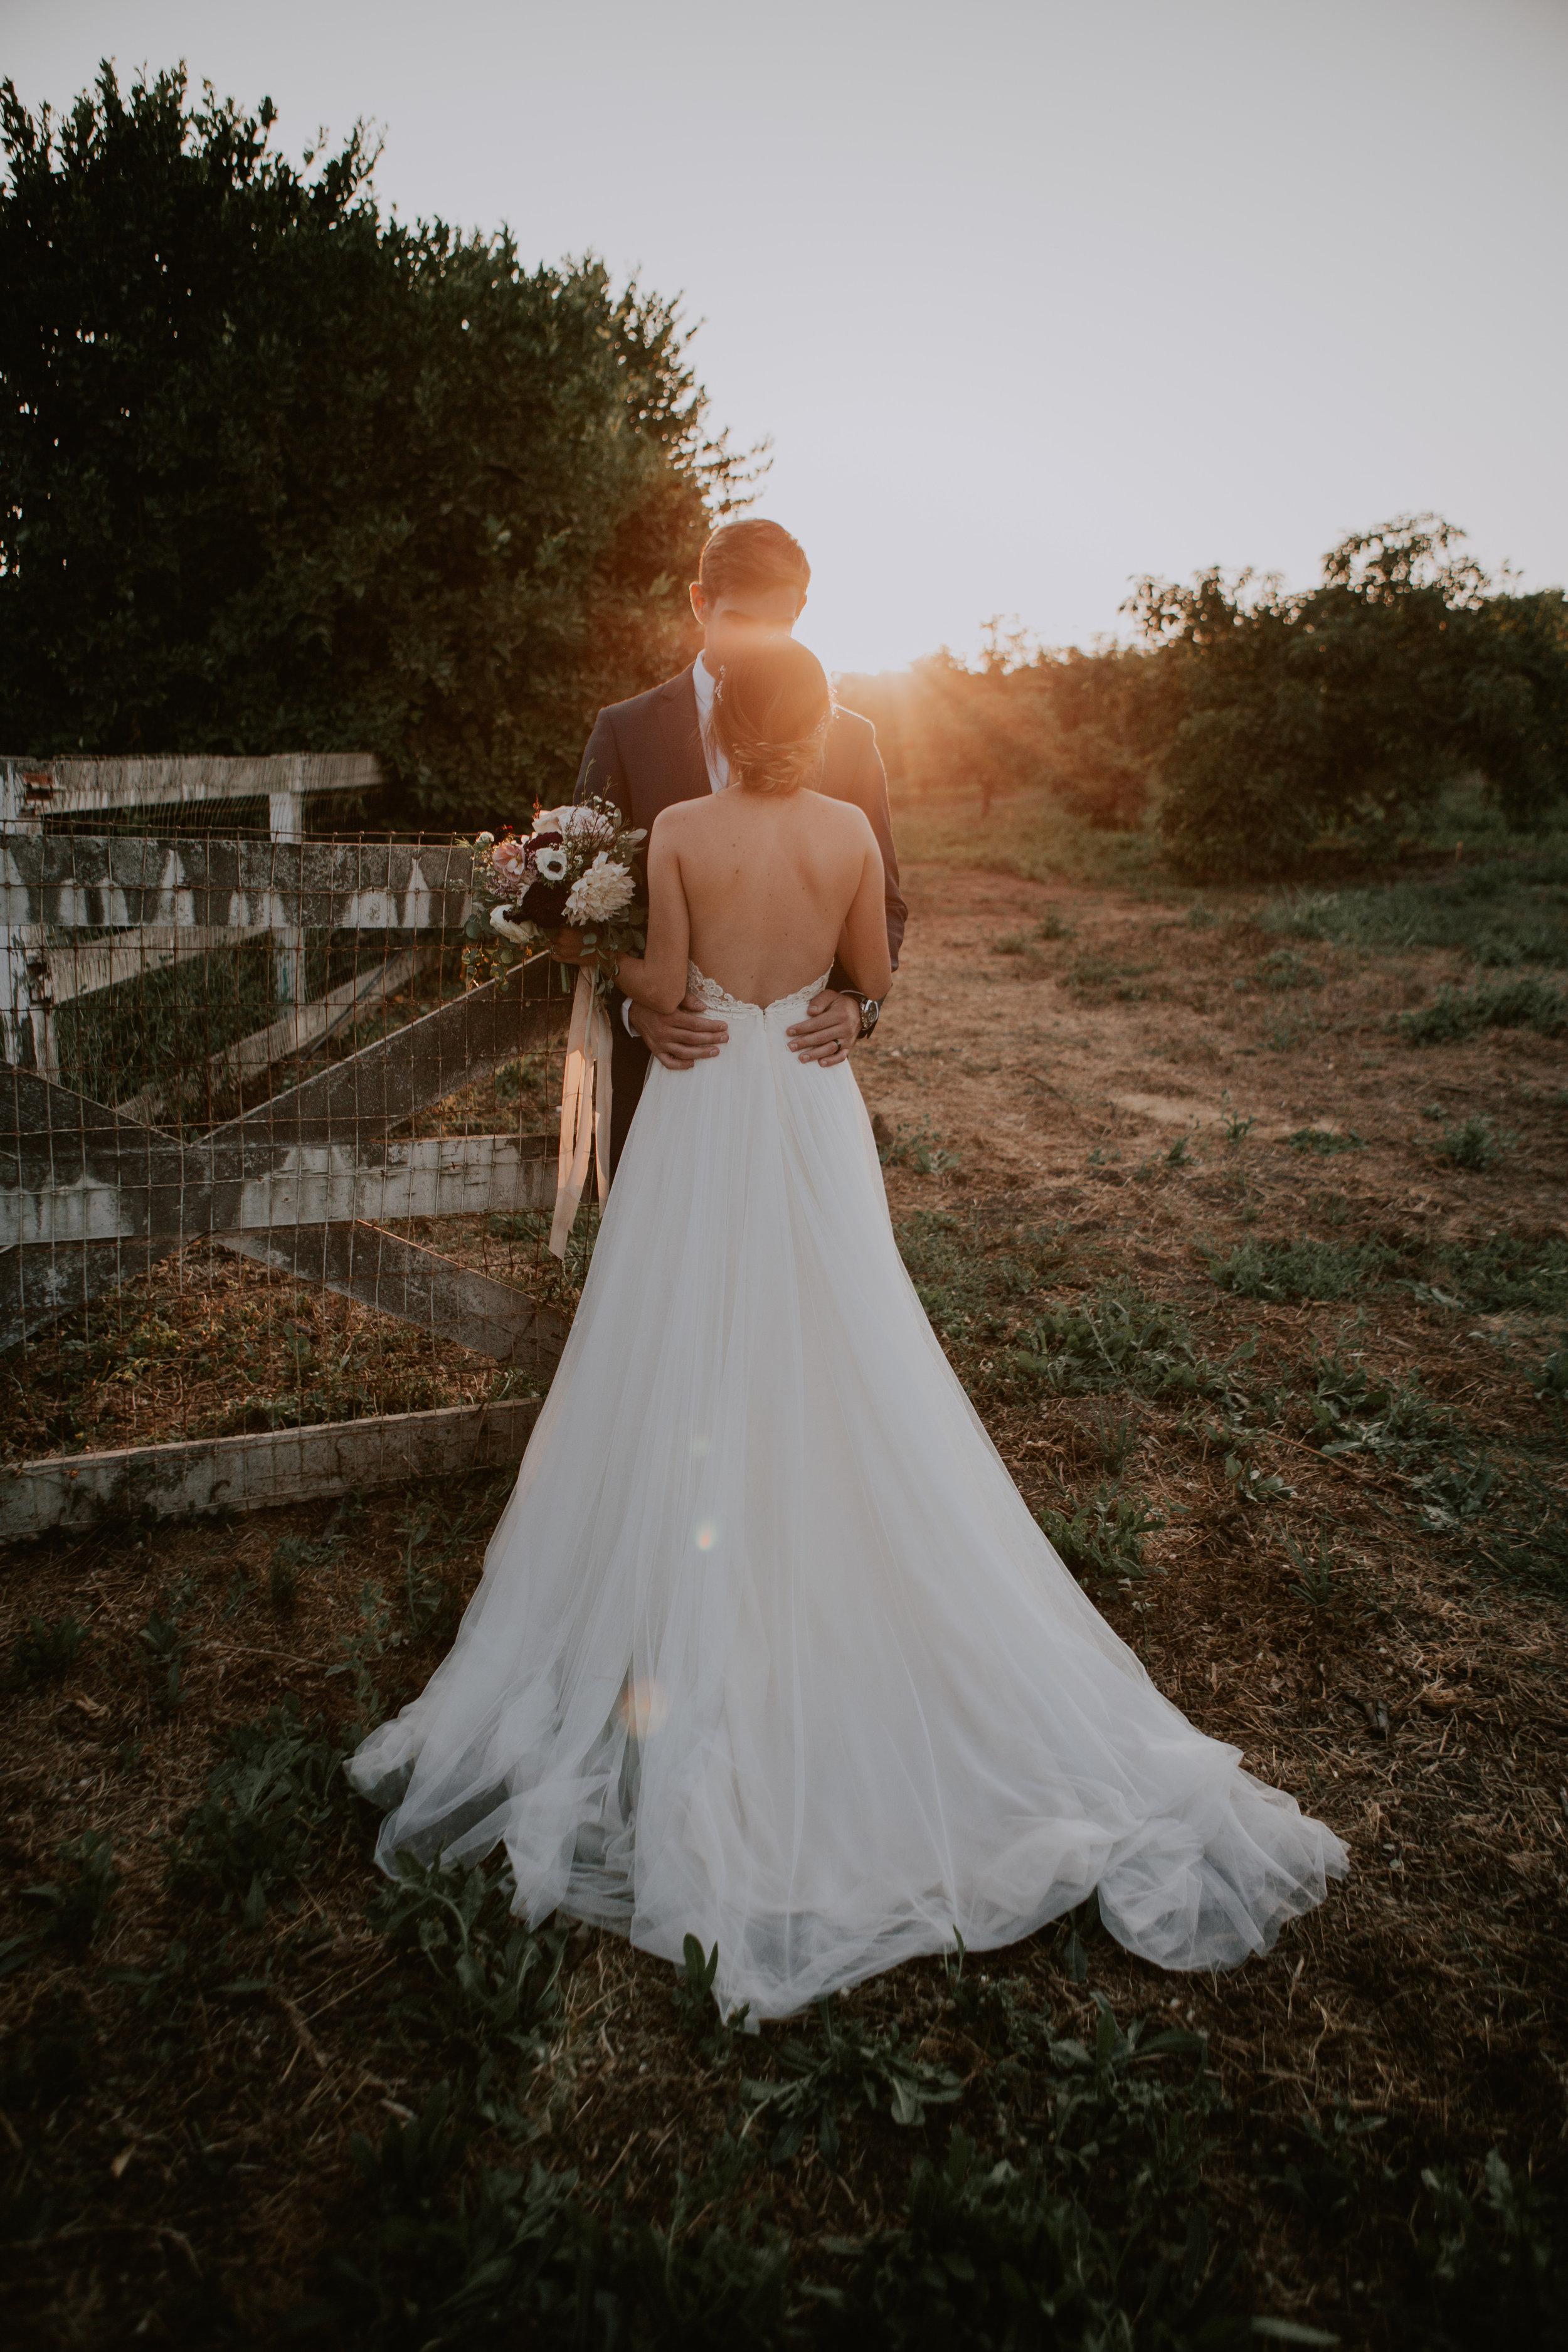 bride and groom-5858.jpg